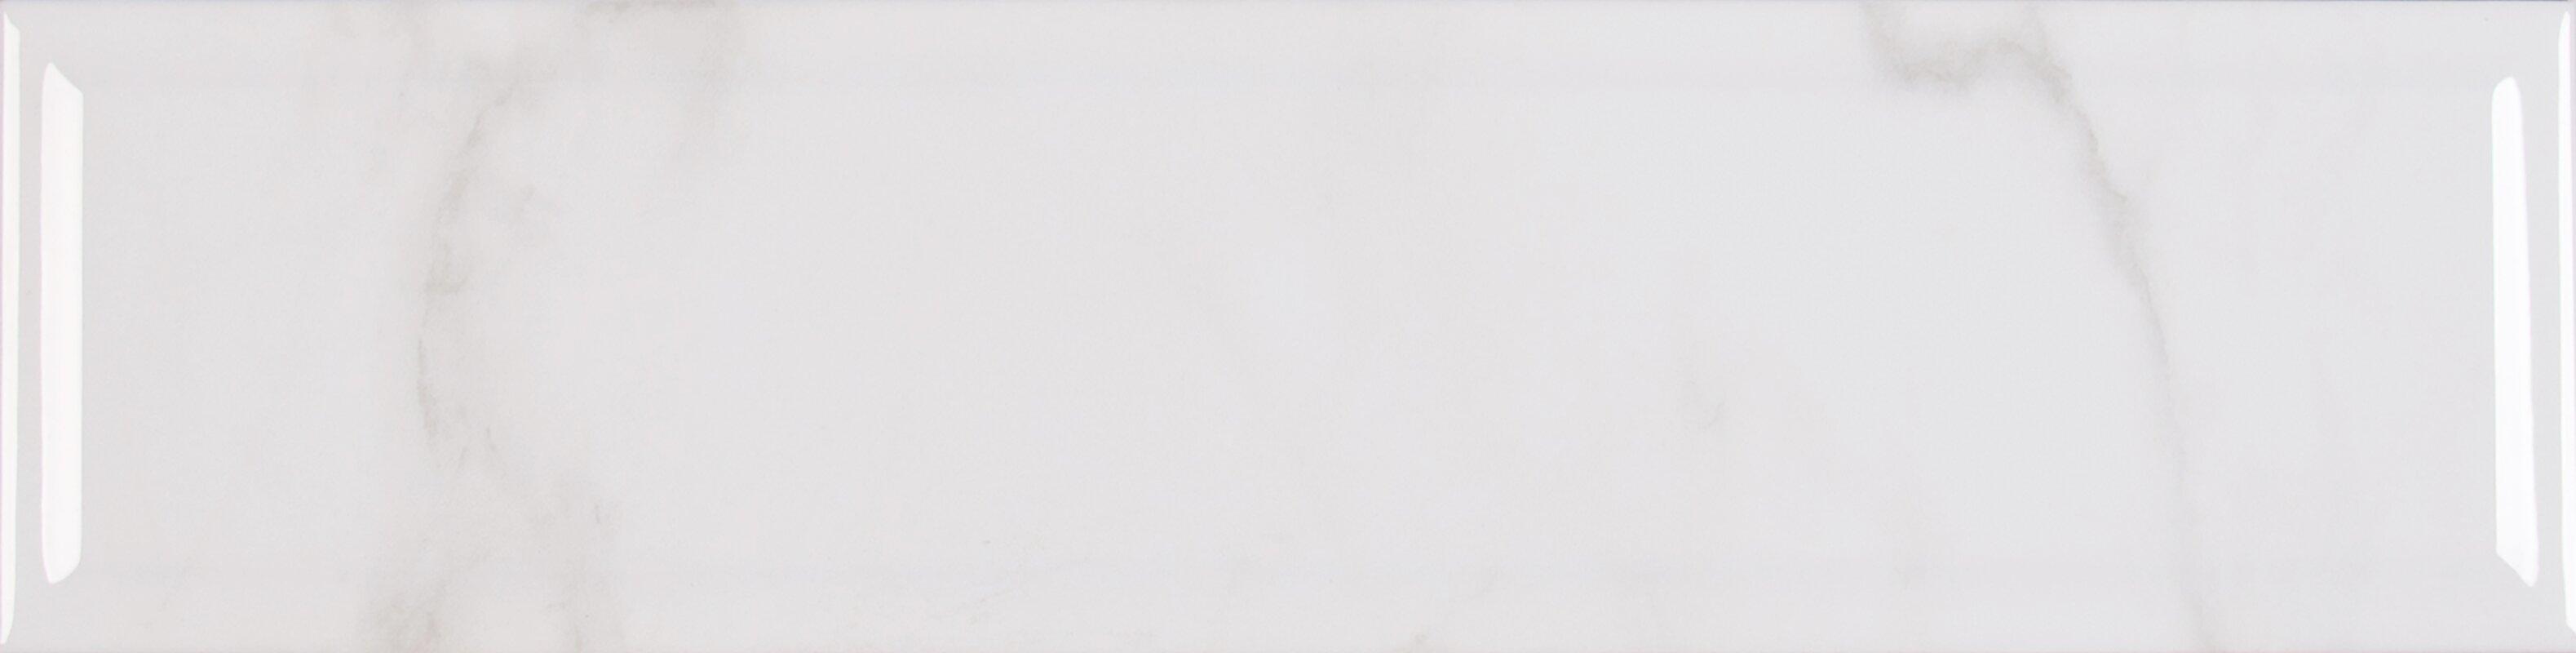 Msi classique carrara 4 x 16 ceramic tile in white reviews classique carrara 4 x 16 ceramic tile dailygadgetfo Choice Image